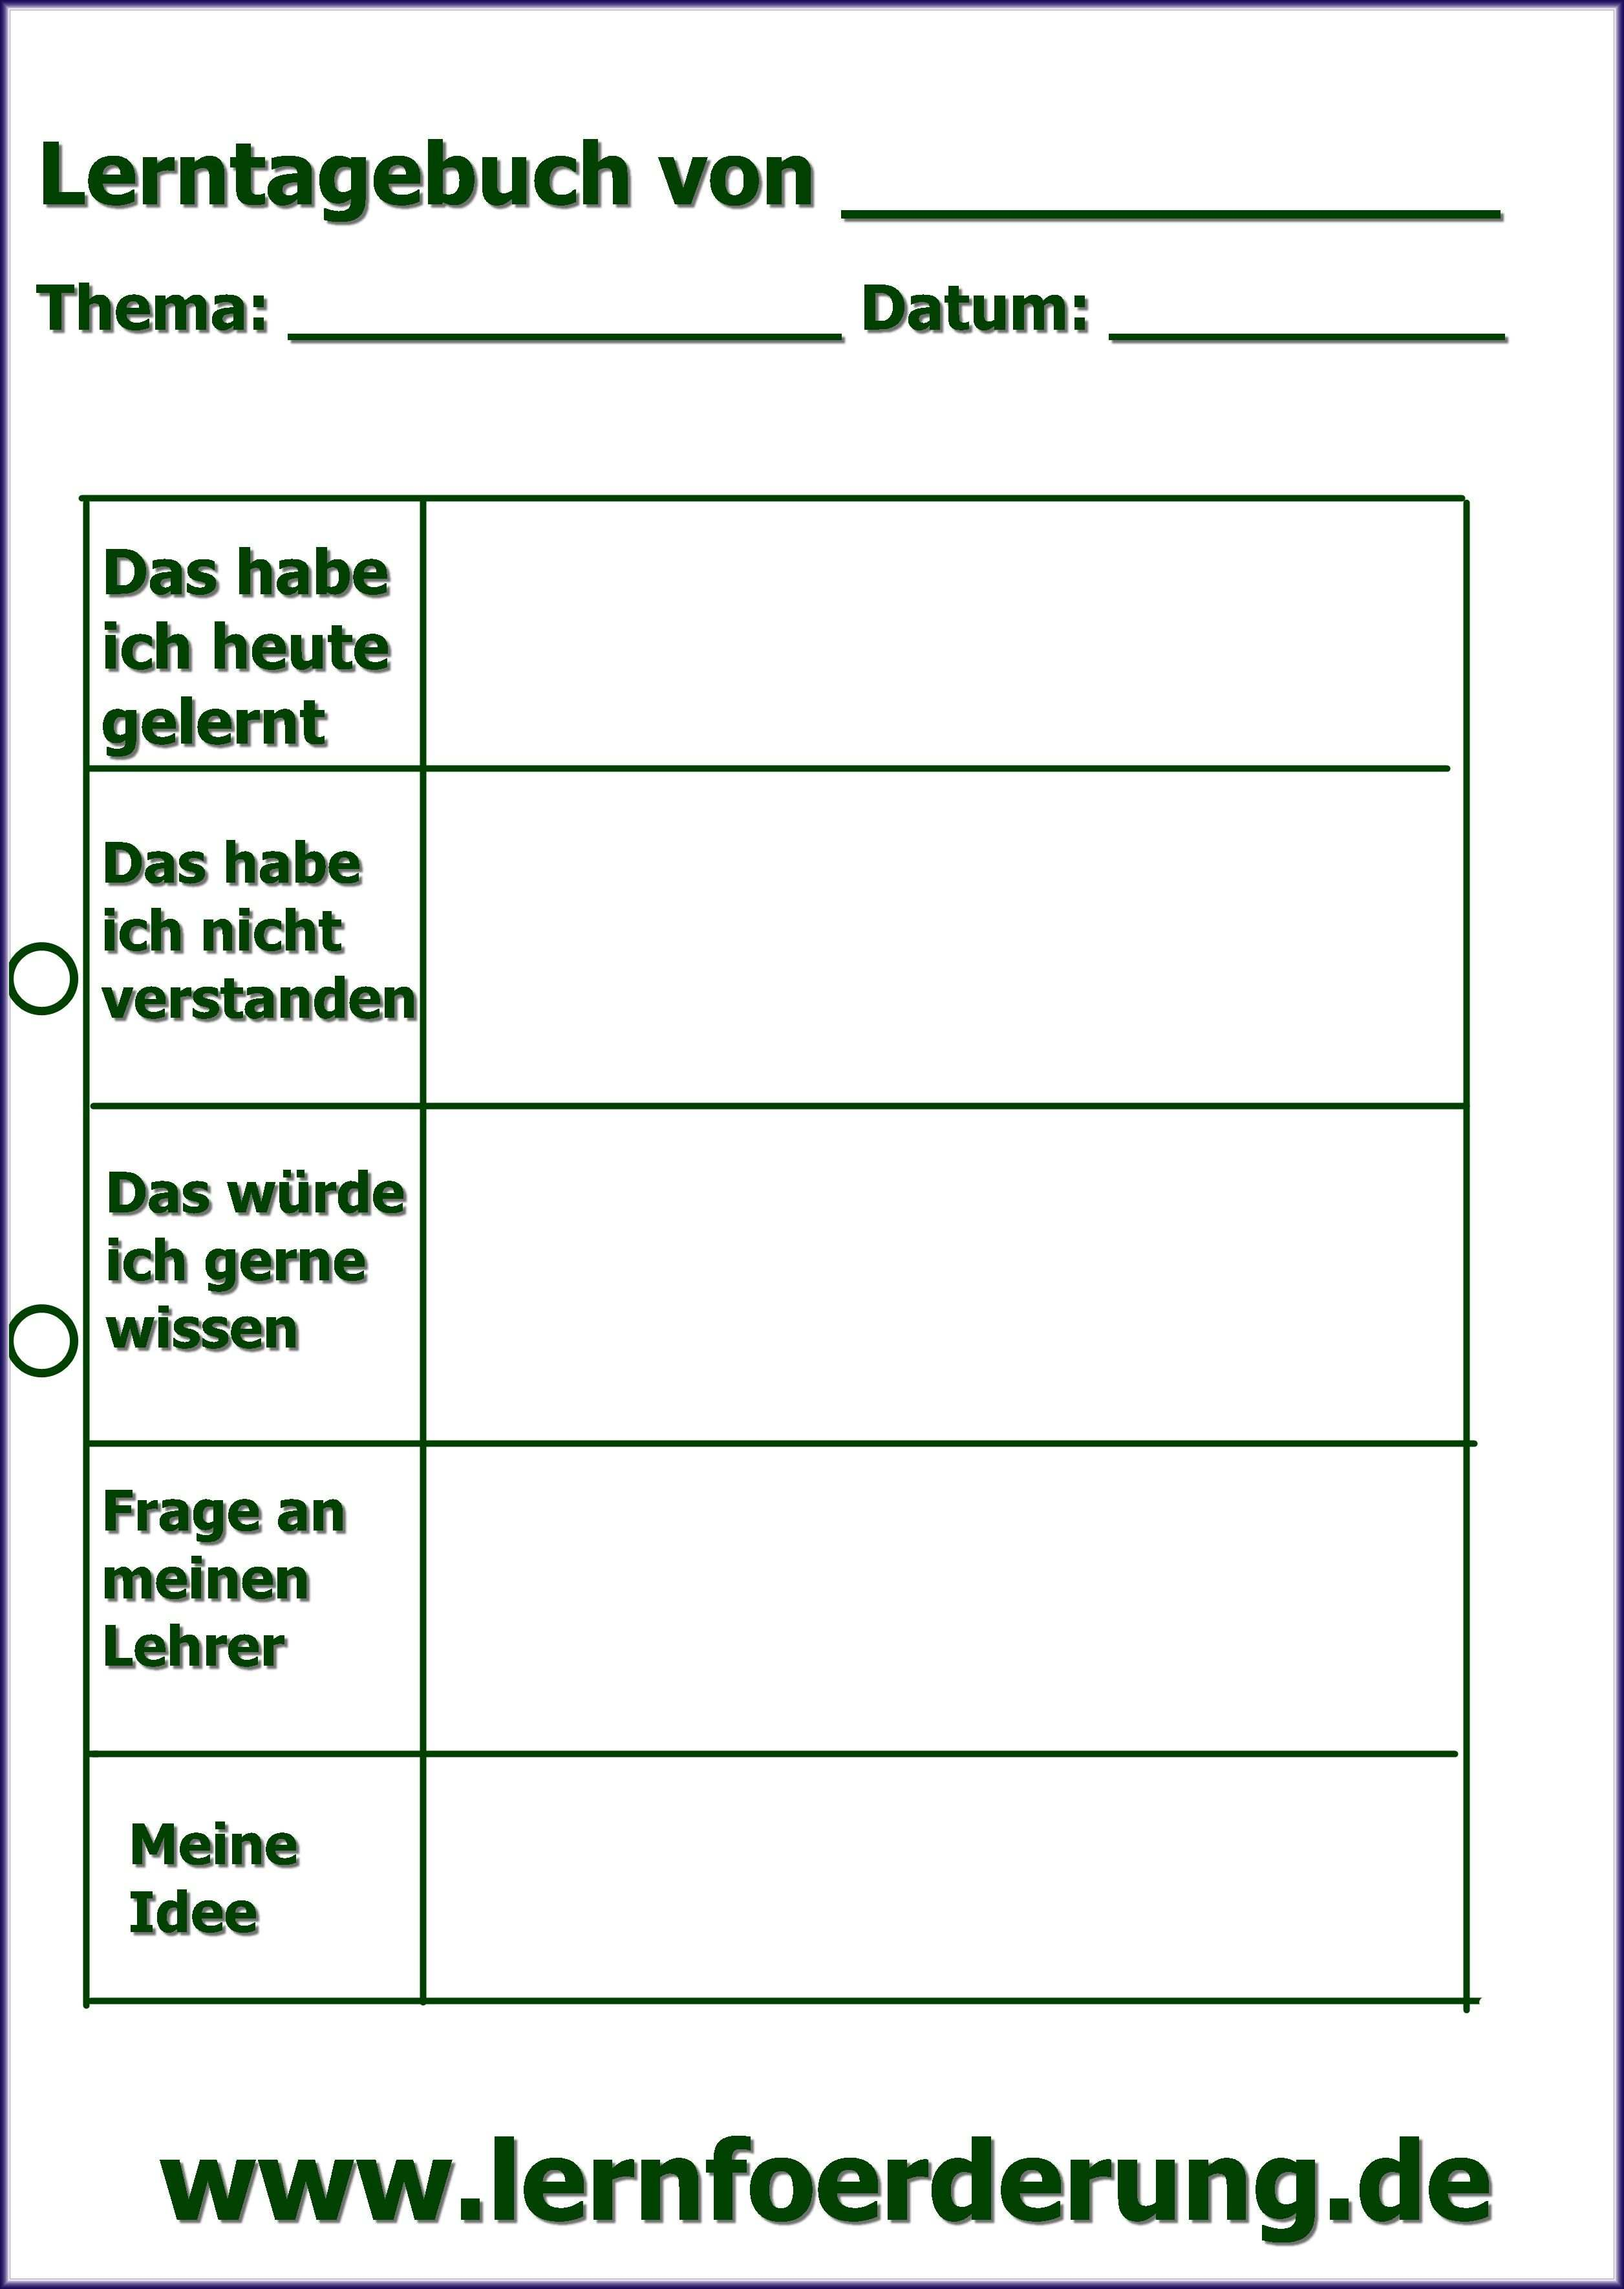 Lerntagebuch Lernen Grundschule Aufsatz Schreiben